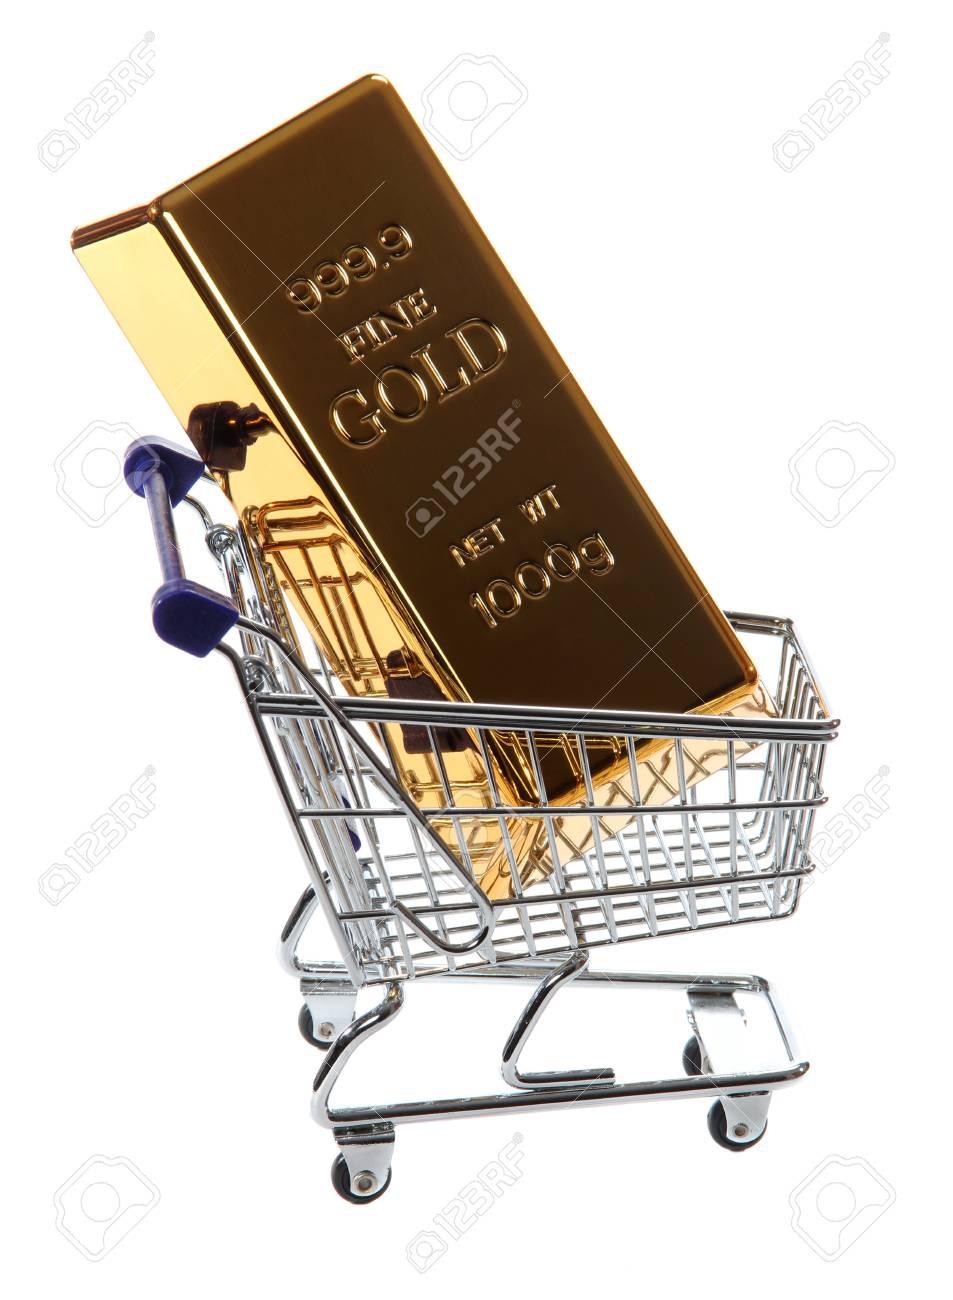 gold bullion in shopping cart Stock Photo - 12691439